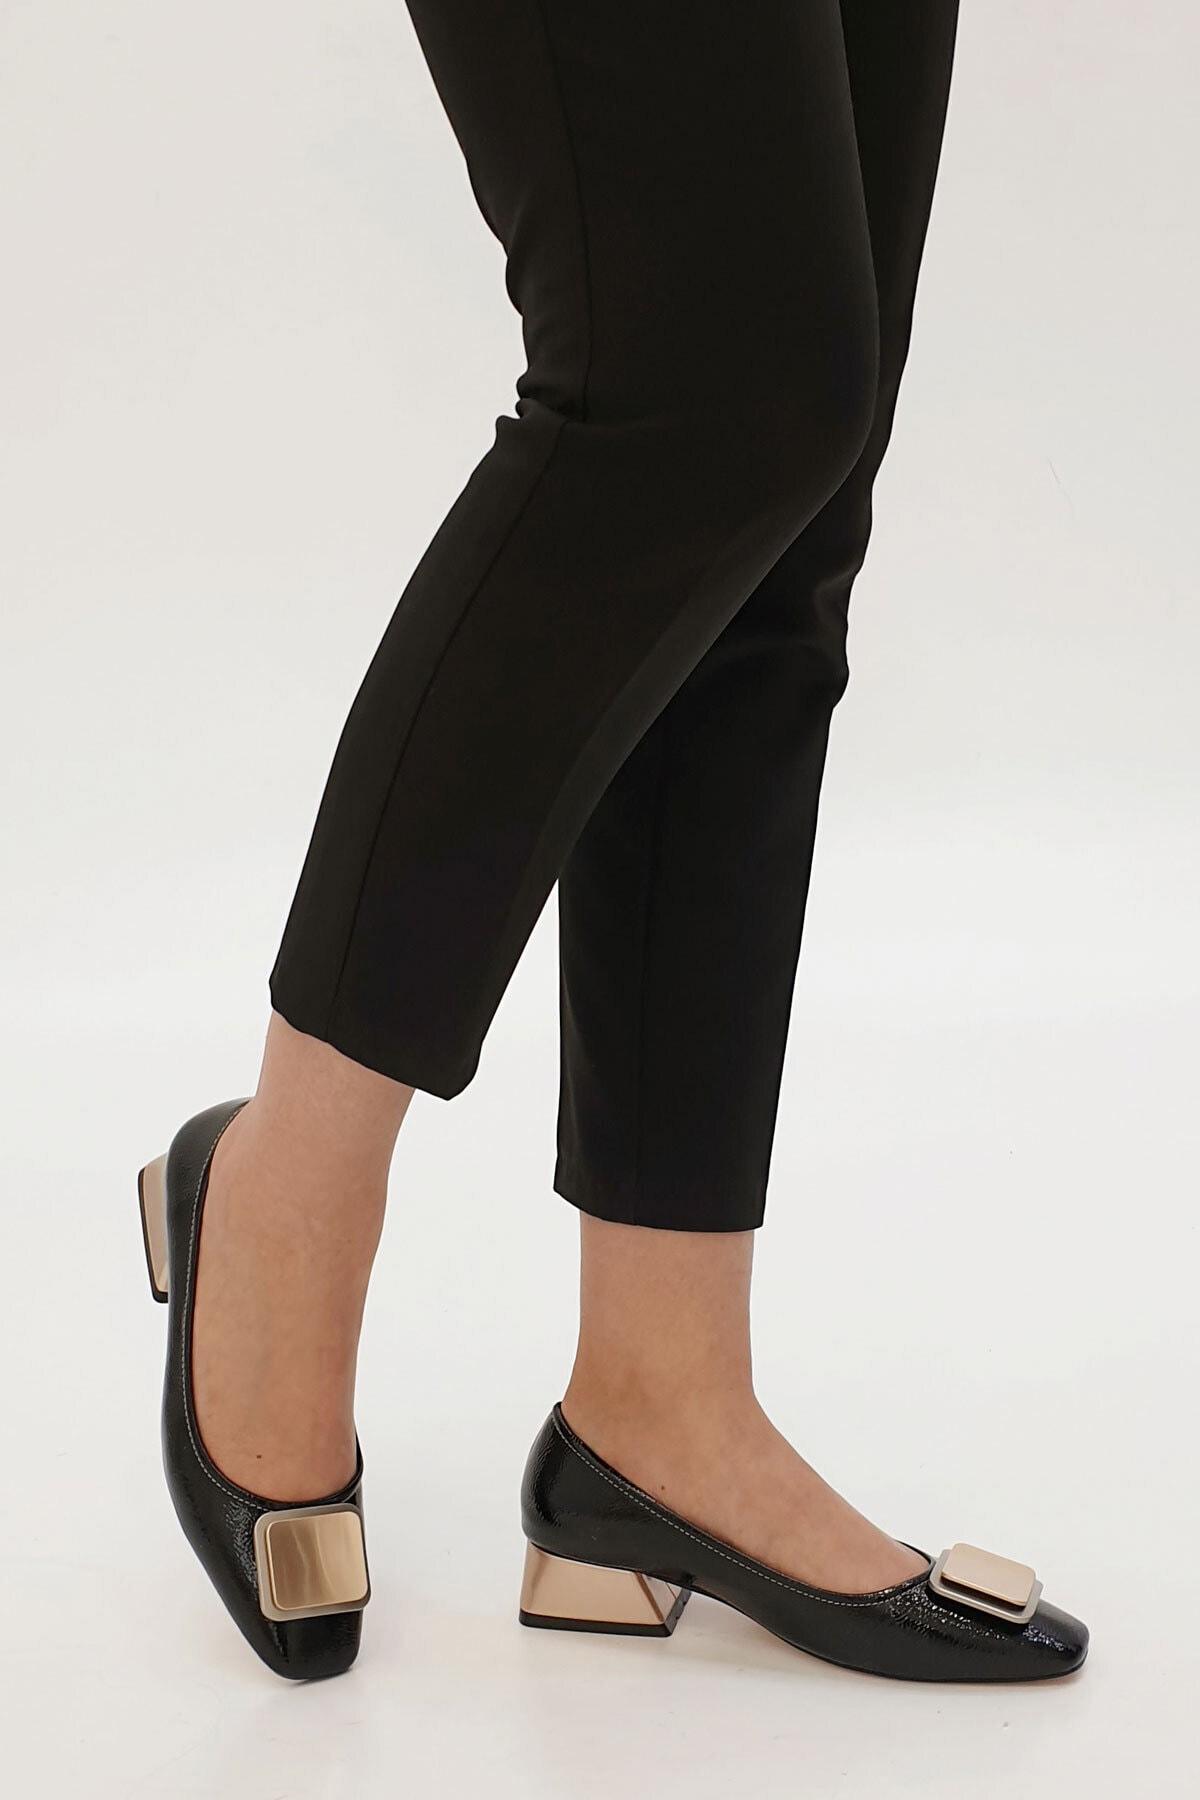 Marjin Kadın Siyah Rugan Tebra Topuklu Ayakkabı 2